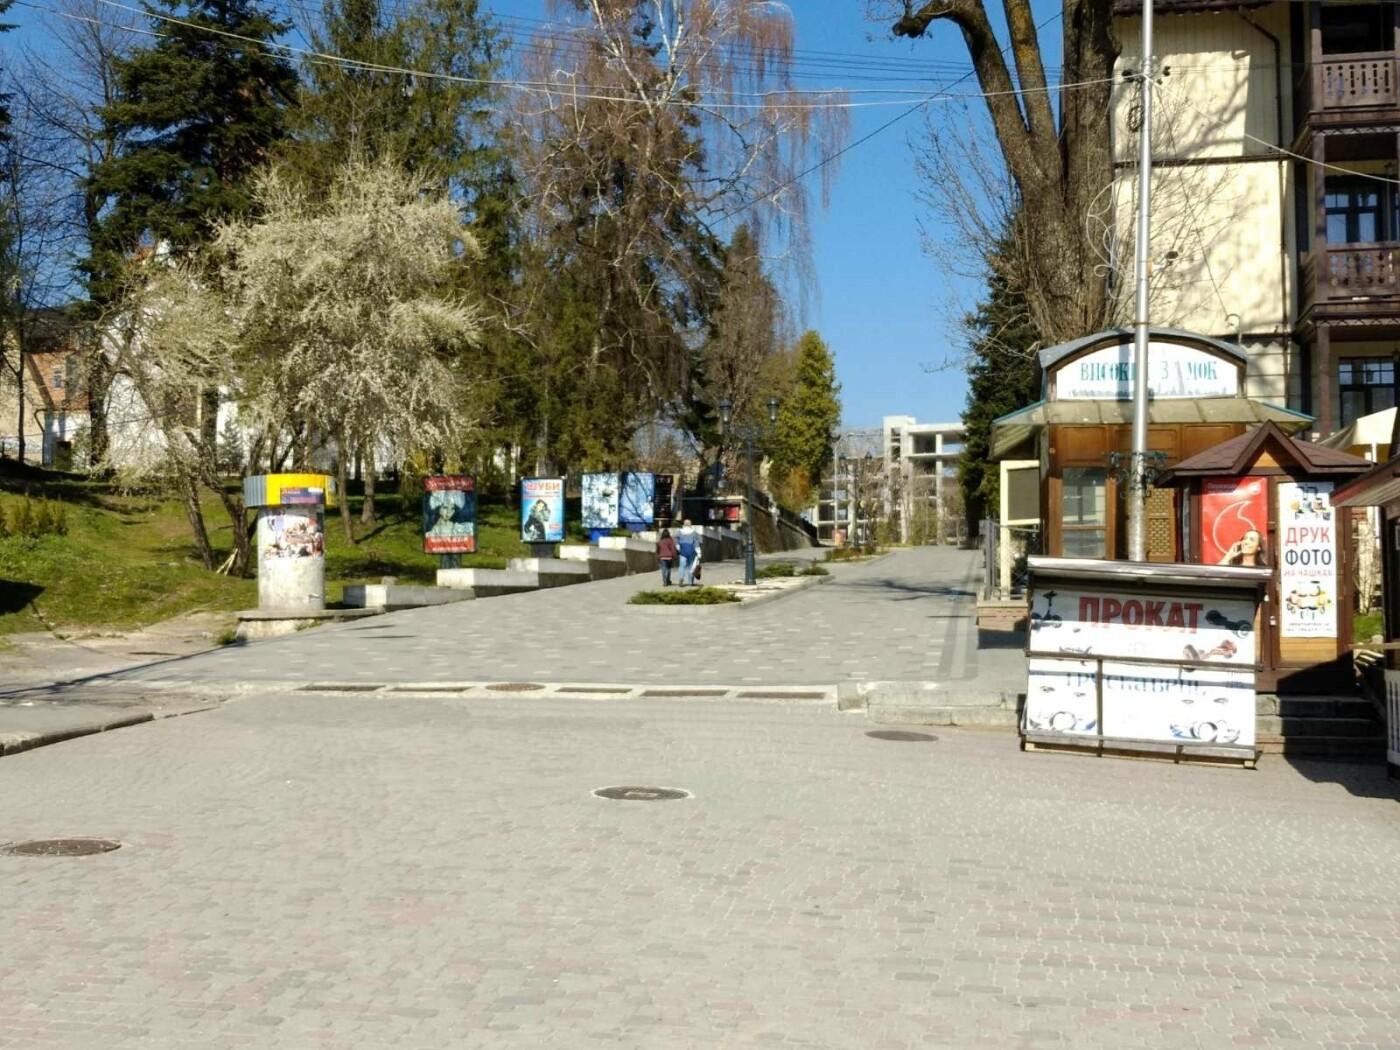 Трускавецьким голубам COVID-19 не страшний: Фотоогляд карантинного парку, фото-9